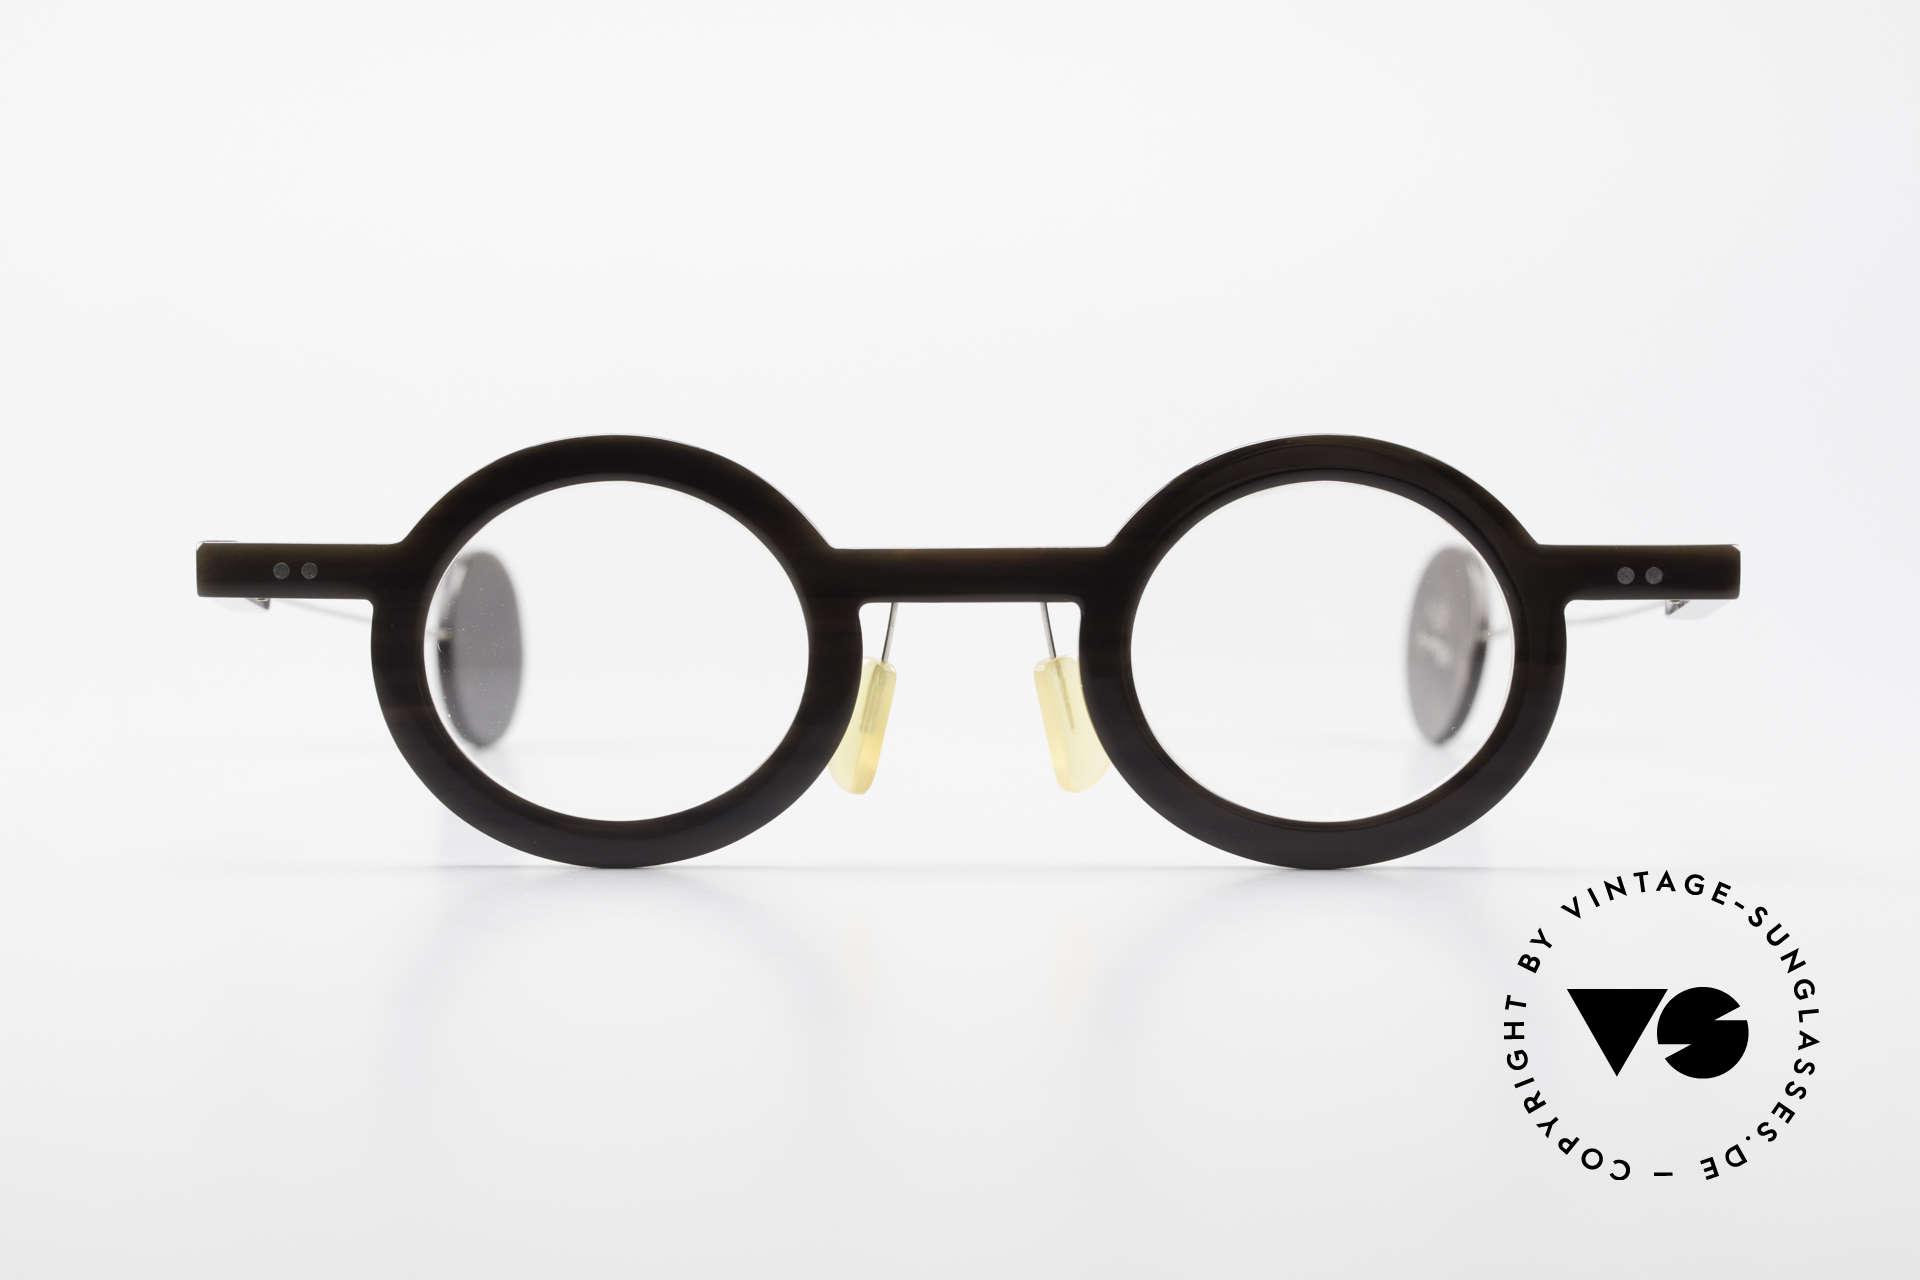 P. Klenk Rugby 014 Echthornbrille Rund Vintage, absolute Rarität aus Büffelhorn in Handarbeit gefertigt, Passend für Herren